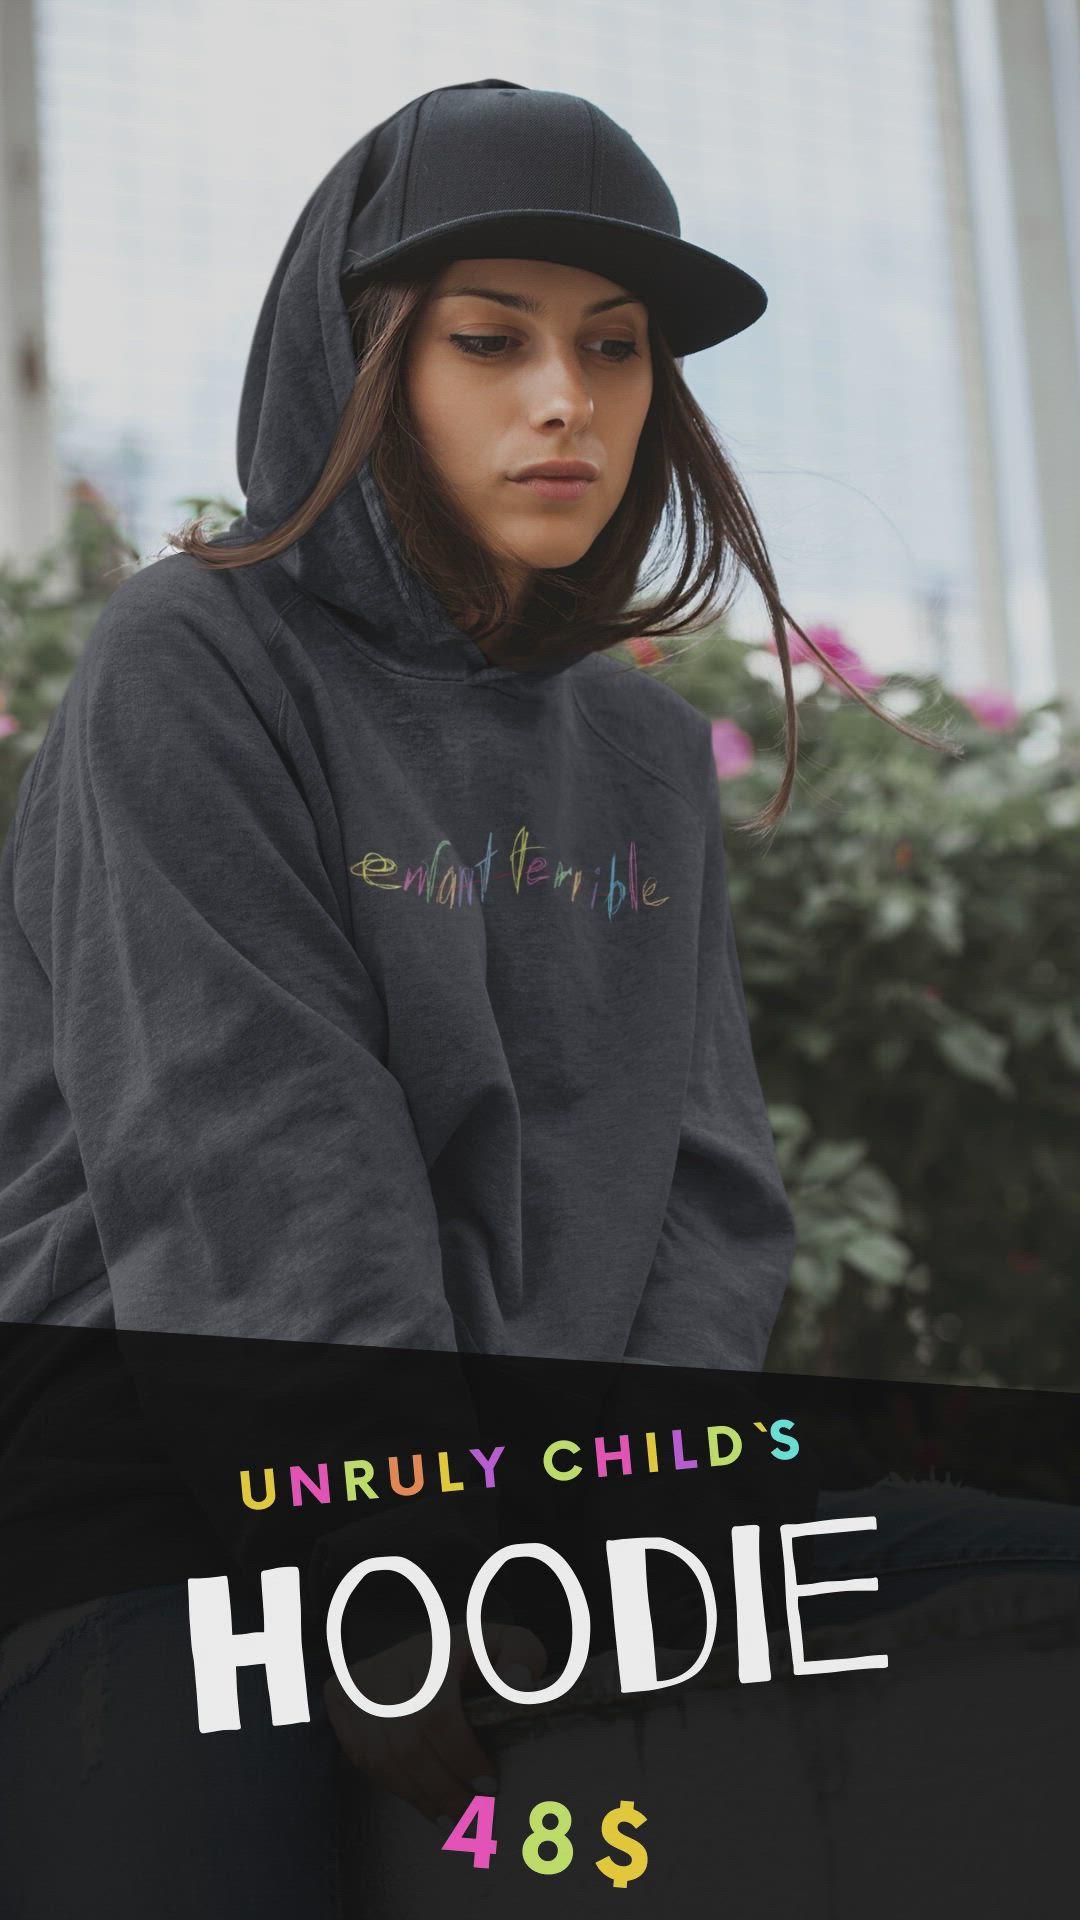 Enfant Terrible Pullover Hoodie By Troyka Video Video Hoodie Design Black Hoodie Hoodies [ 1920 x 1080 Pixel ]